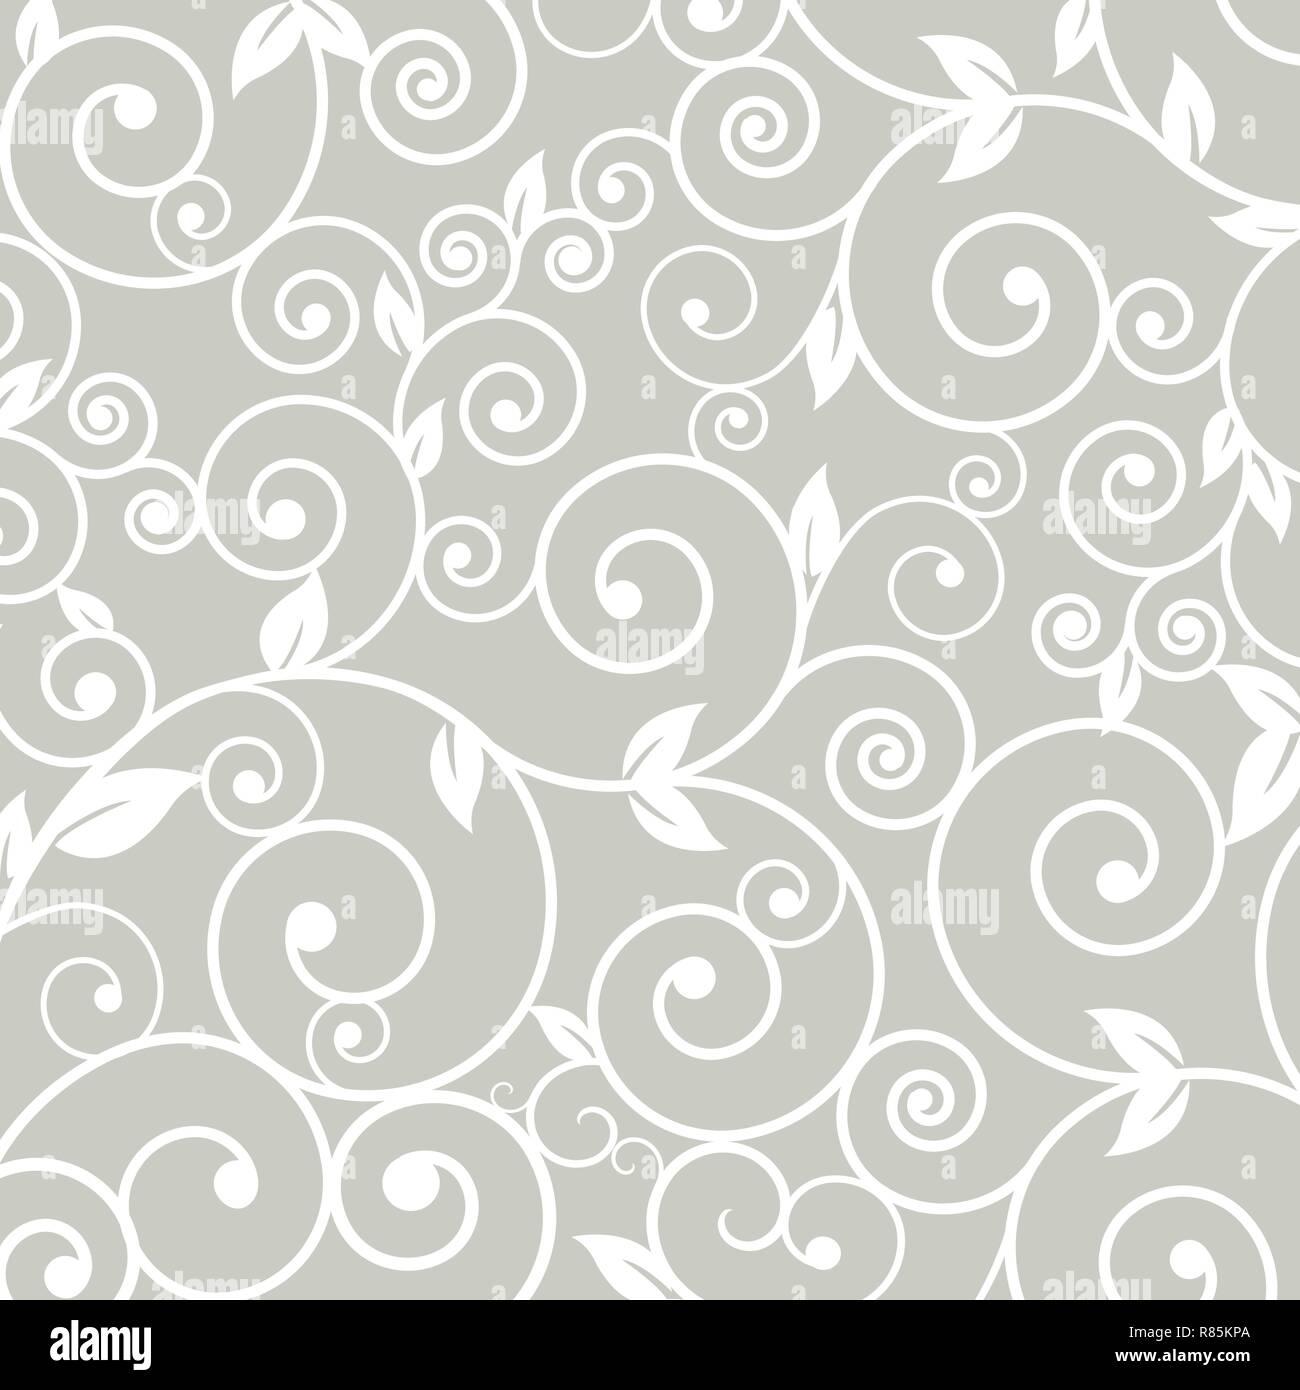 Muster Silhouette Ausschneiden Masswerk Blume Naturliche Locken Design Fur Scrapbooking Visitenkarten Hintergrund Fur Das Handwerk Stock Vektorgrafik Alamy